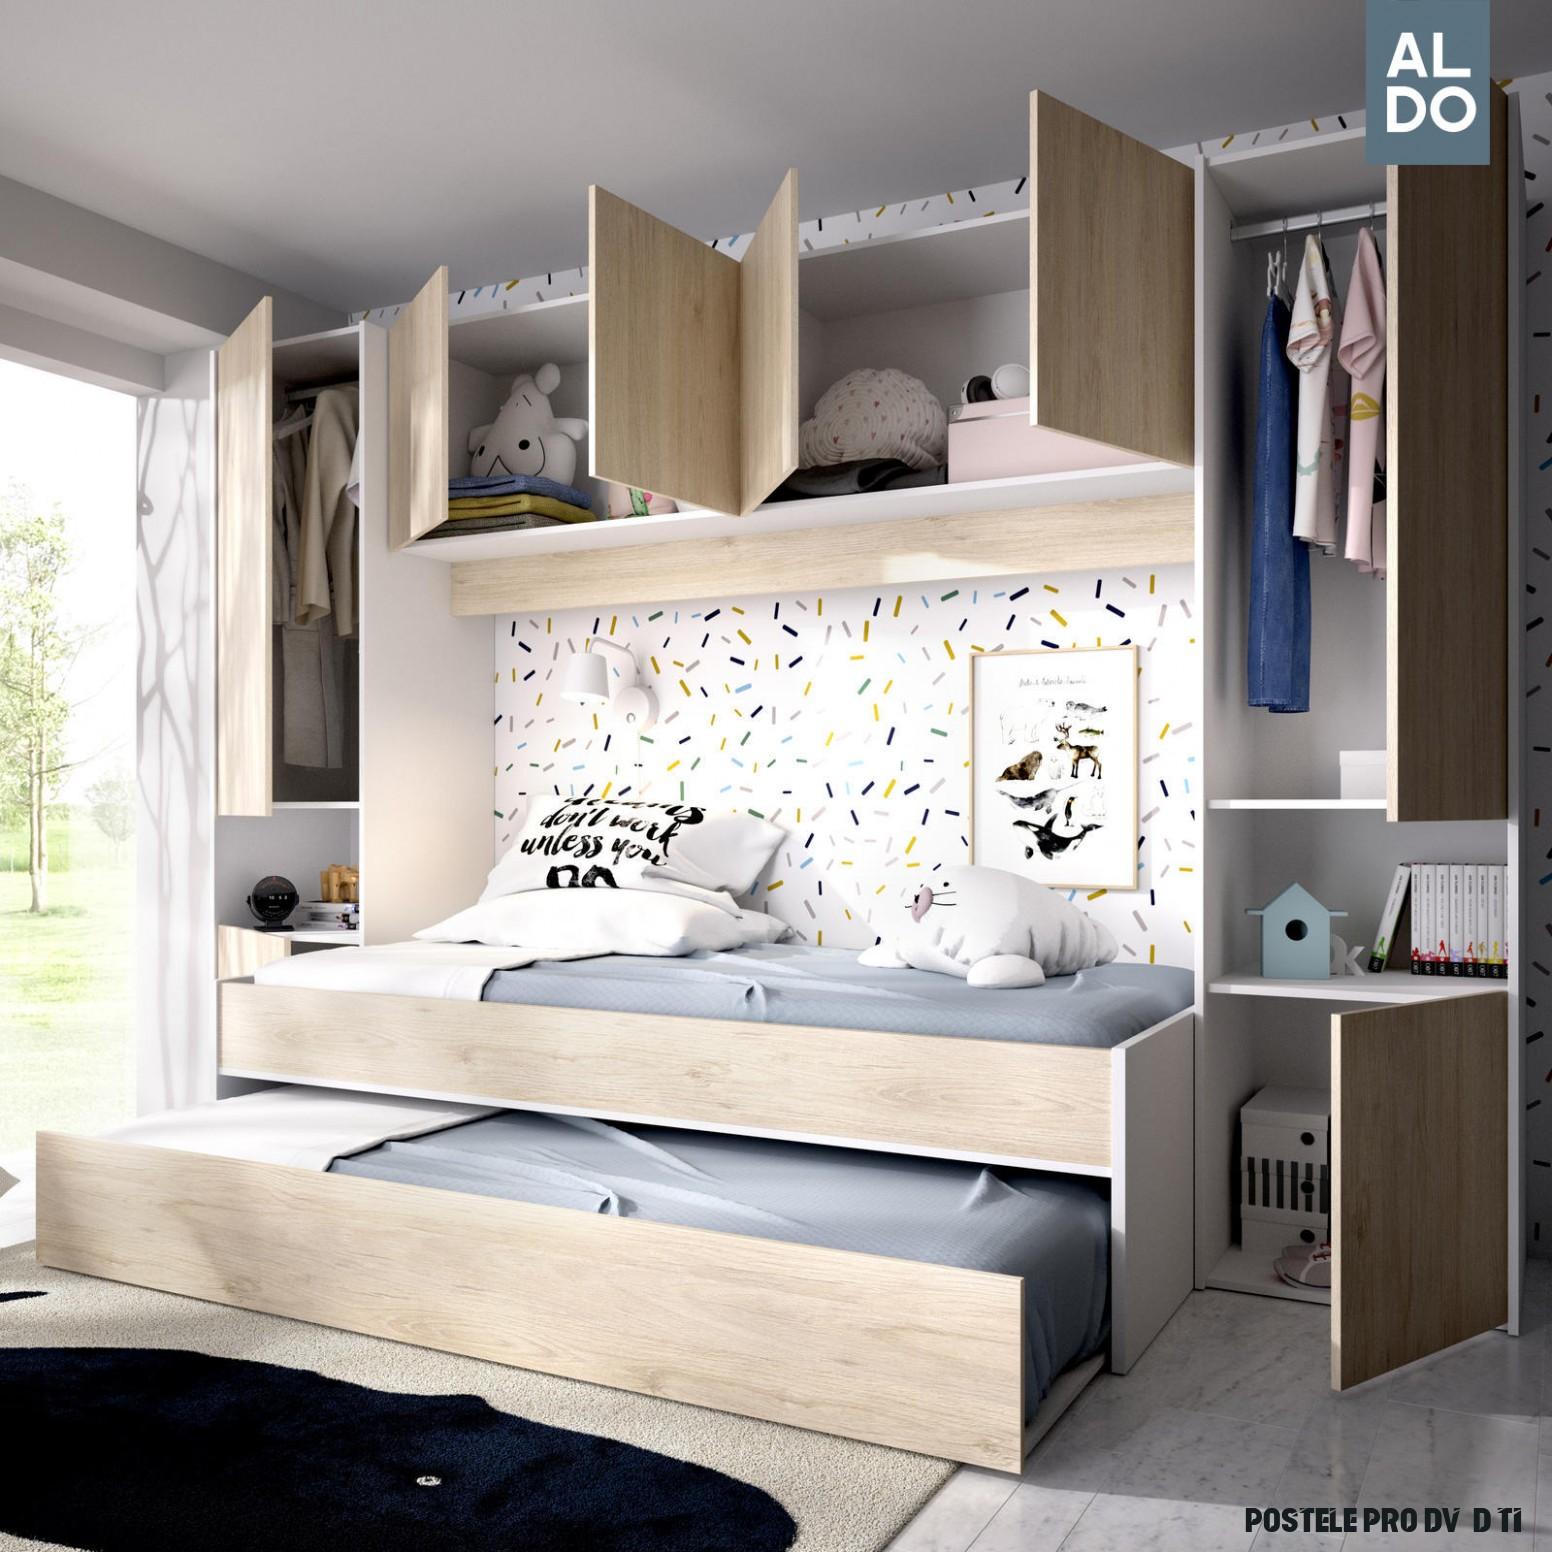 Designový dětský pokoj, dětské postele s nadstavcem pro dvě děti Kwai